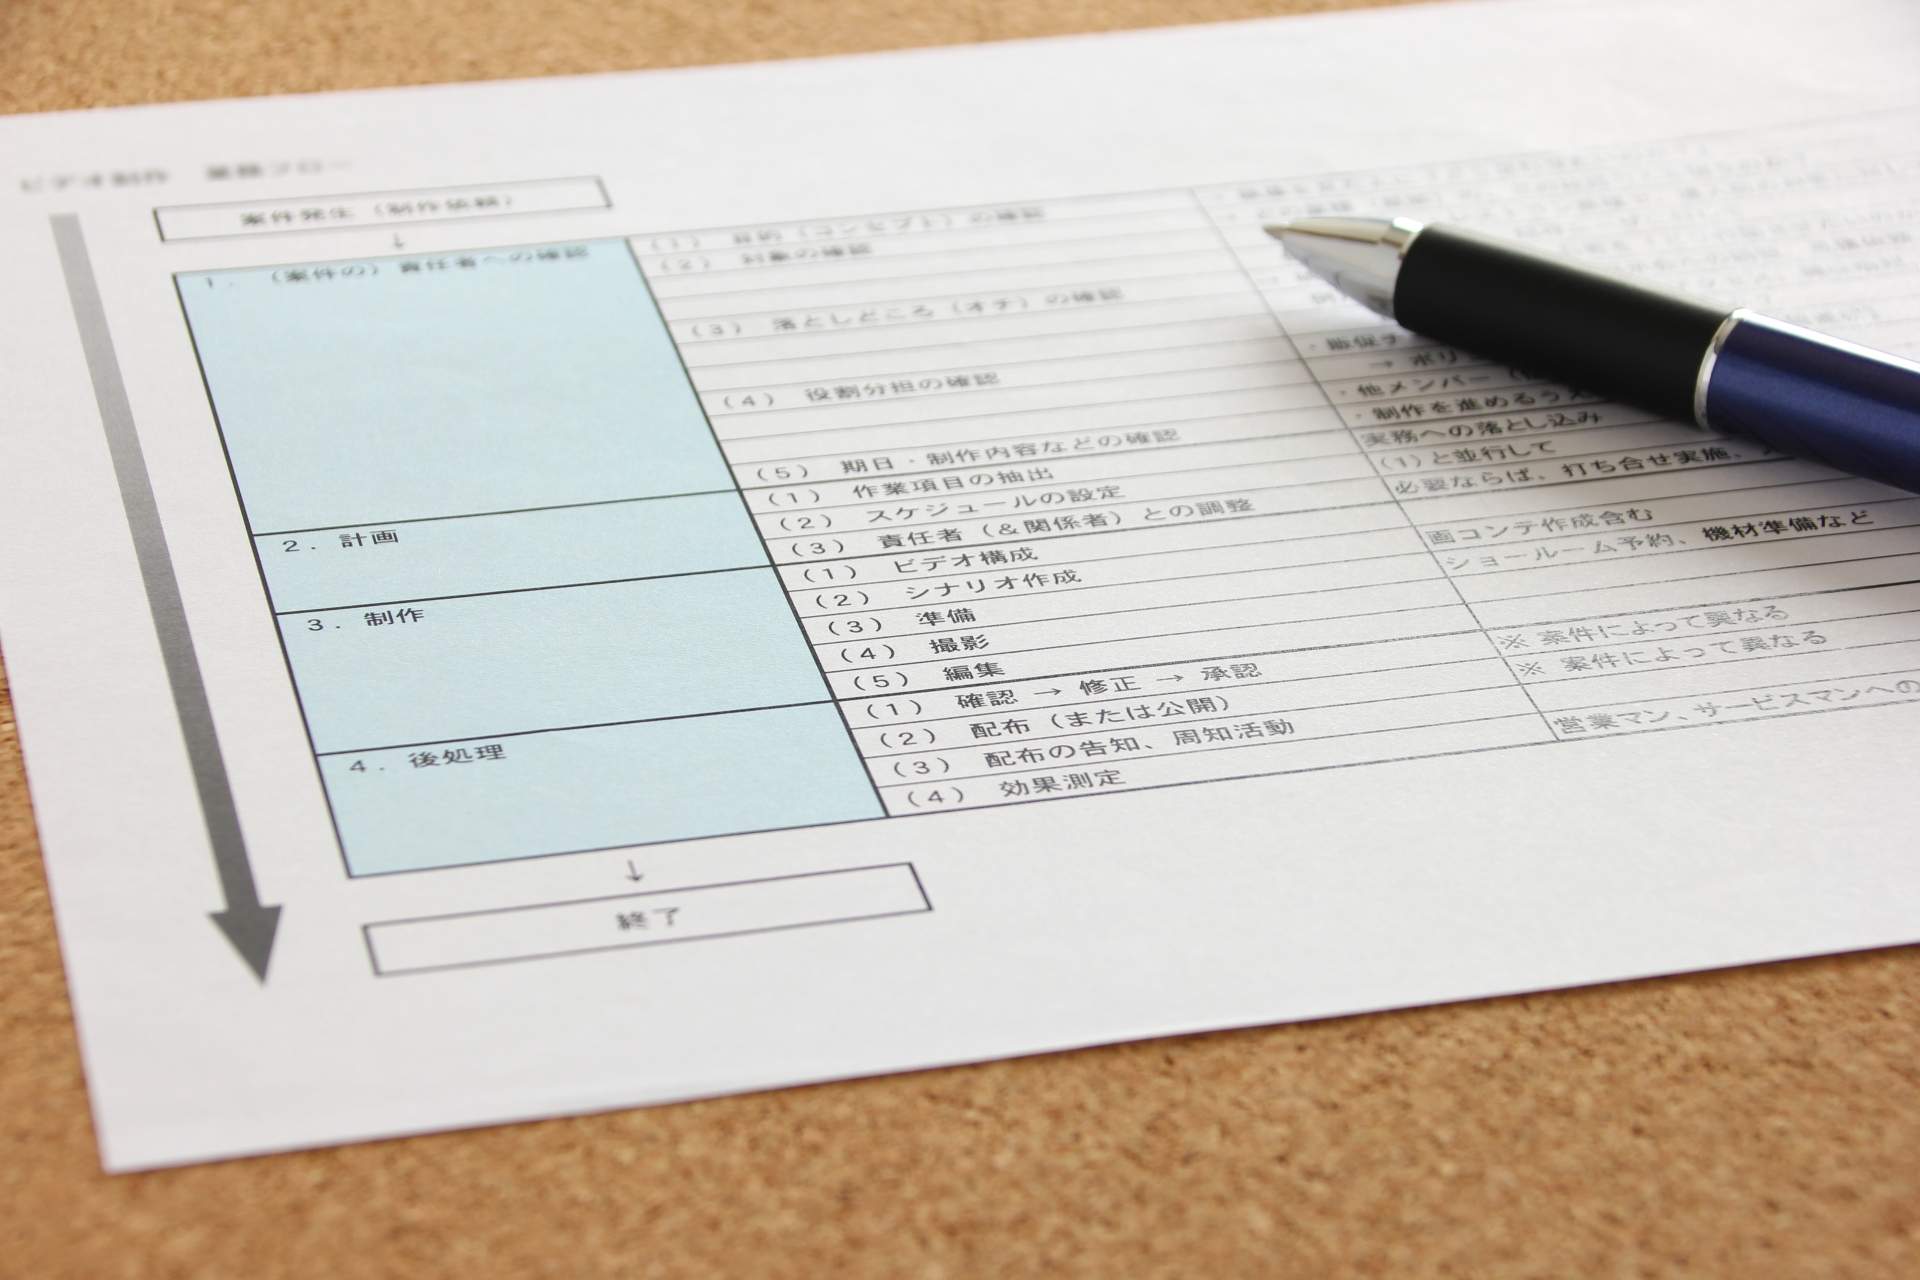 プロジェクトの3つの成果物とプロジェクトマネジャーの資質